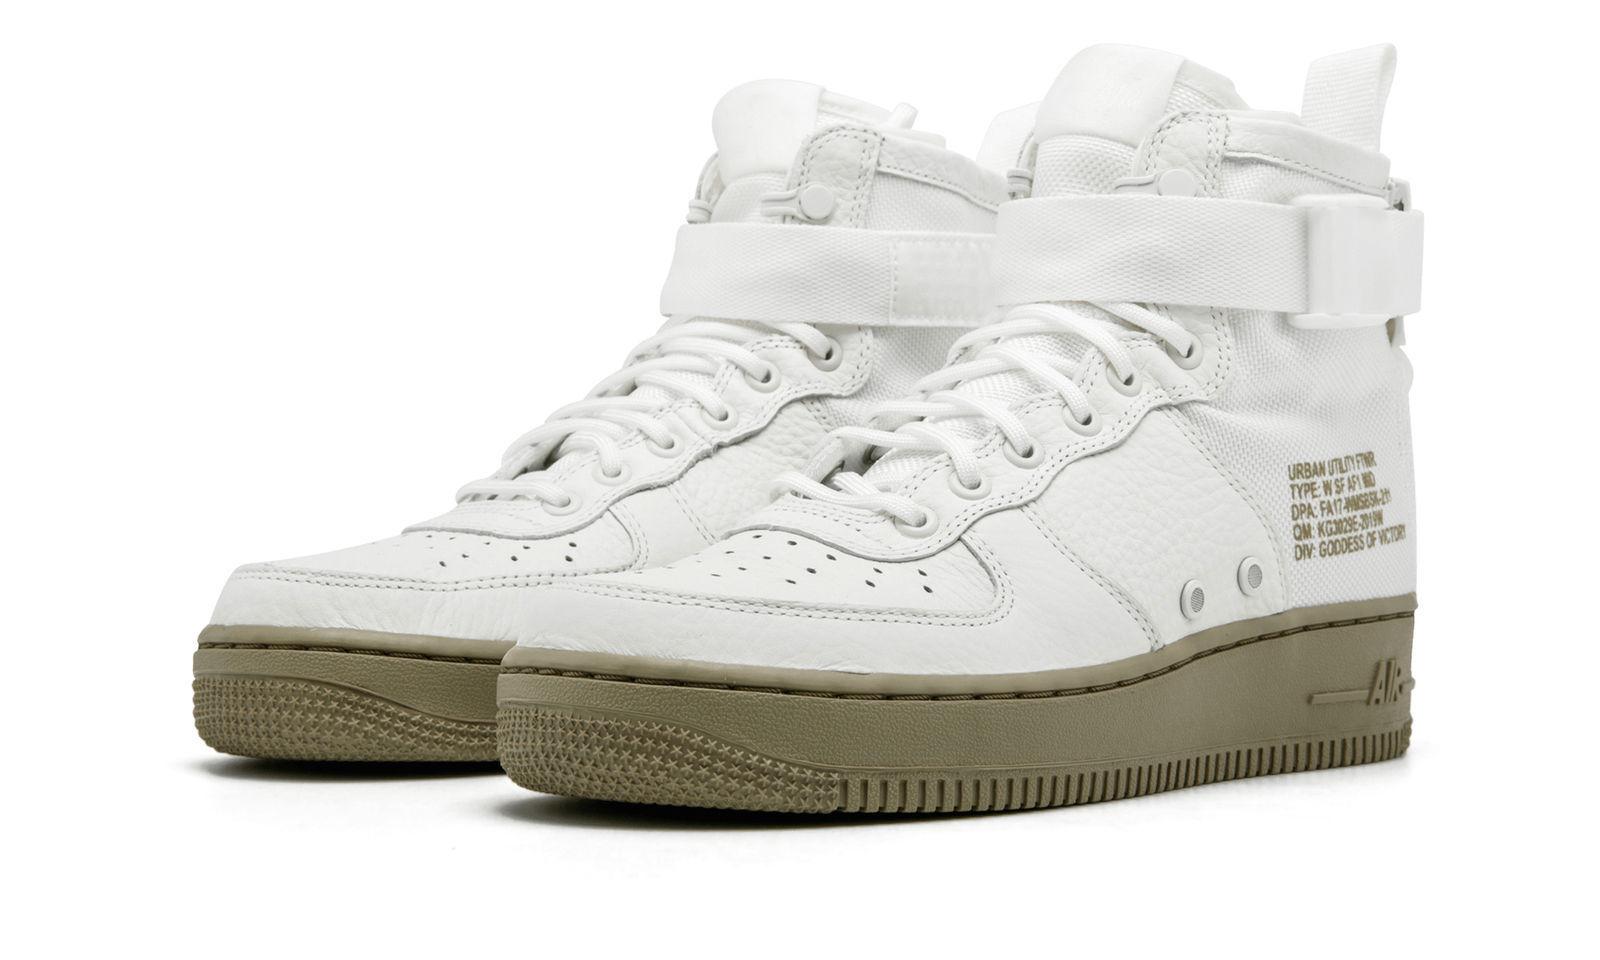 Nike SF AF1 mediados mujer de Marfil Marte Stone mujer mediados zapatillas SZ 9,5 reducción de precio 8e67b2